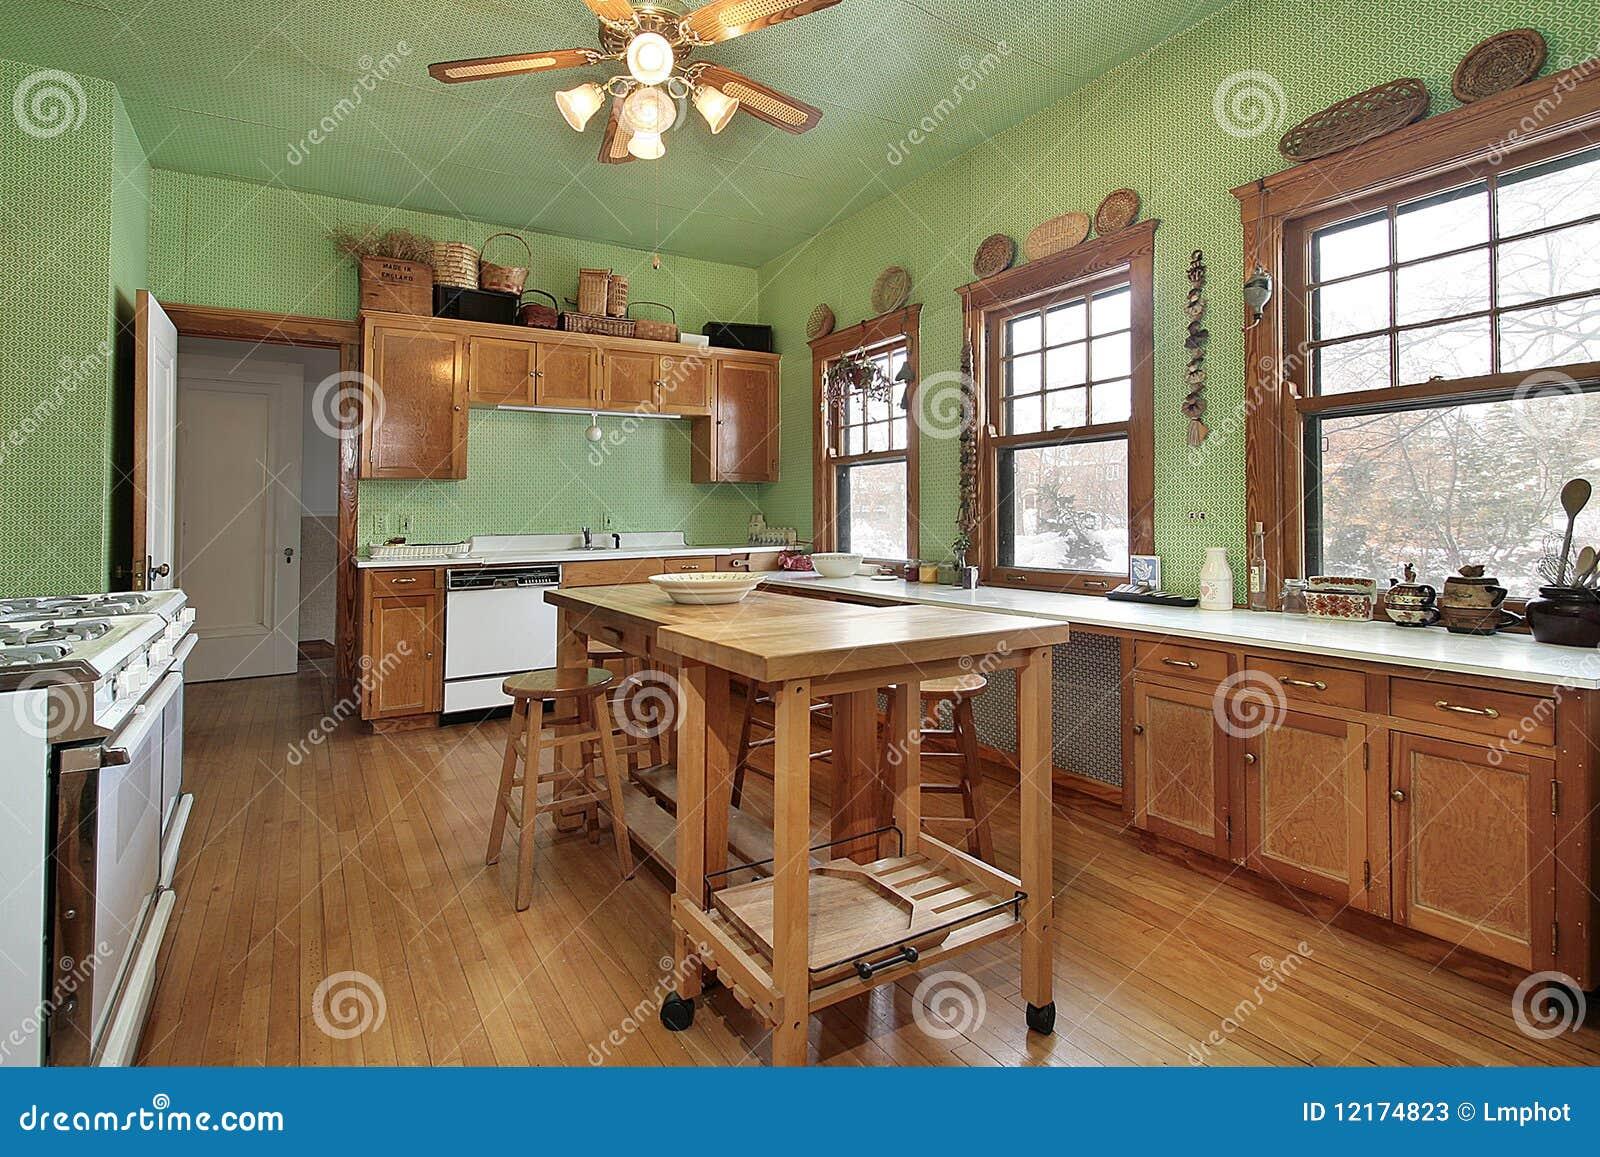 Keuken met groene muren stock afbeelding afbeelding bestaande uit graniet 12174823 - Keuken met teller ...